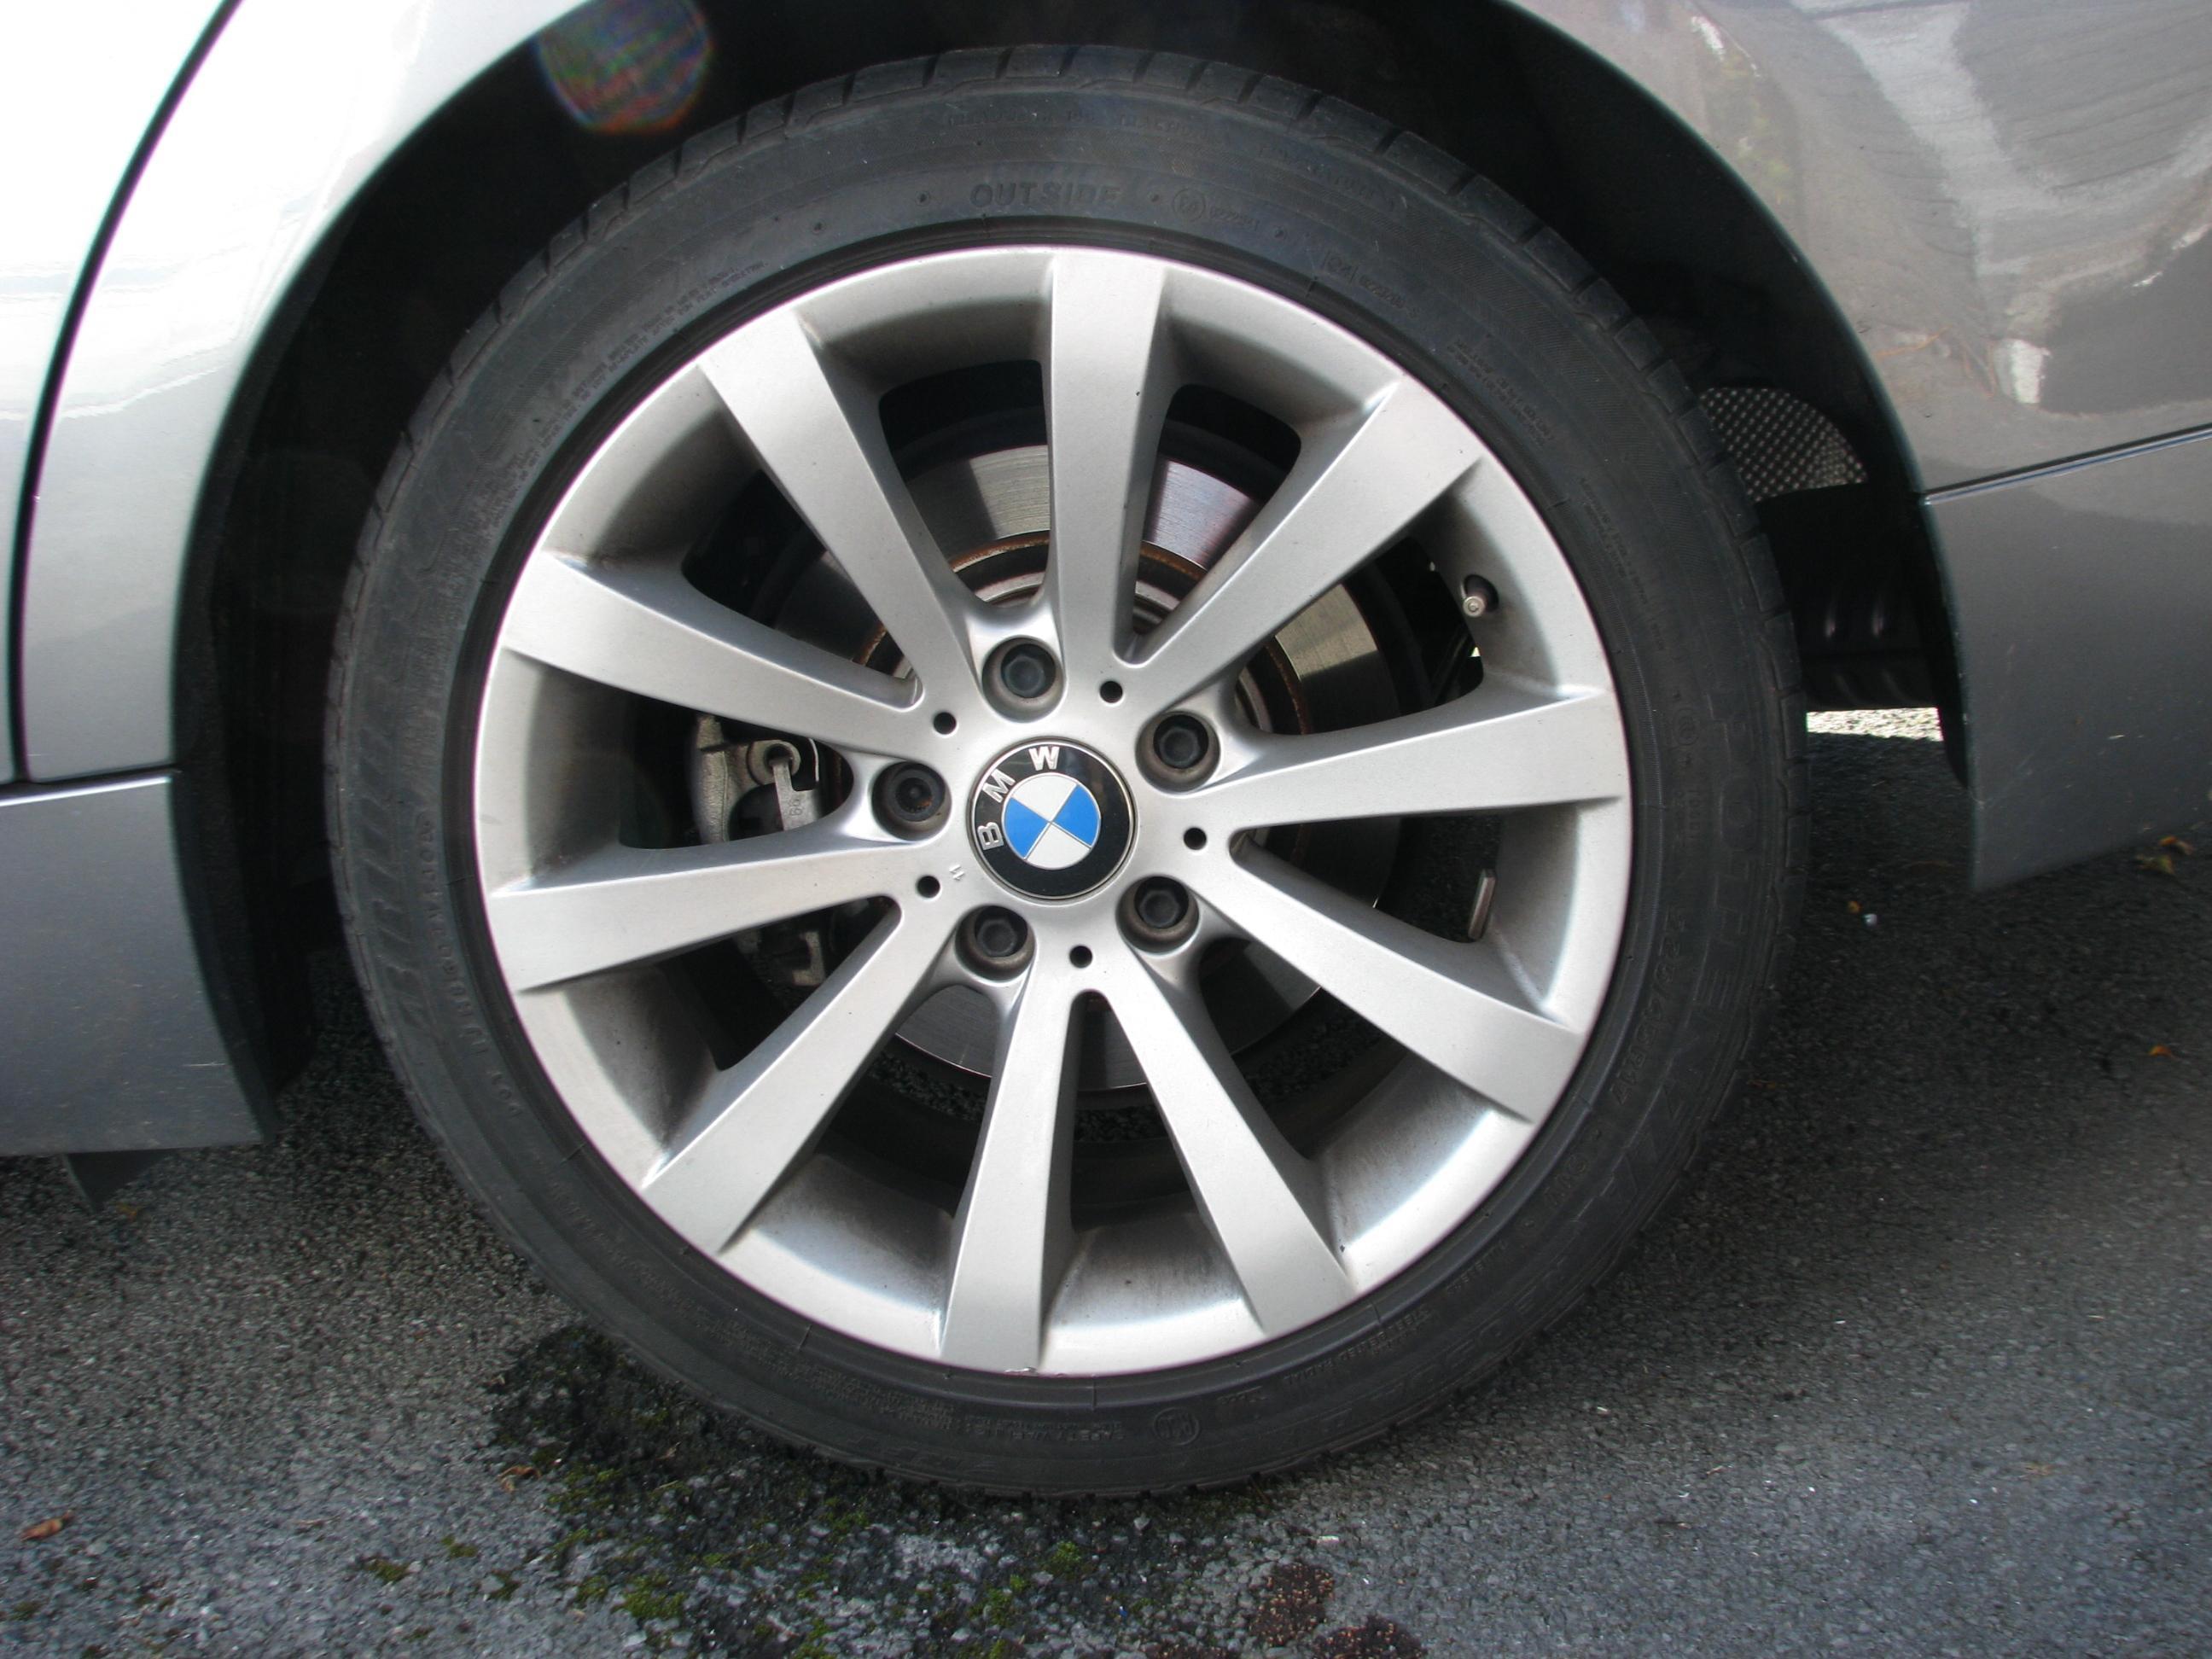 Lire les caractéristiques d'un pneu